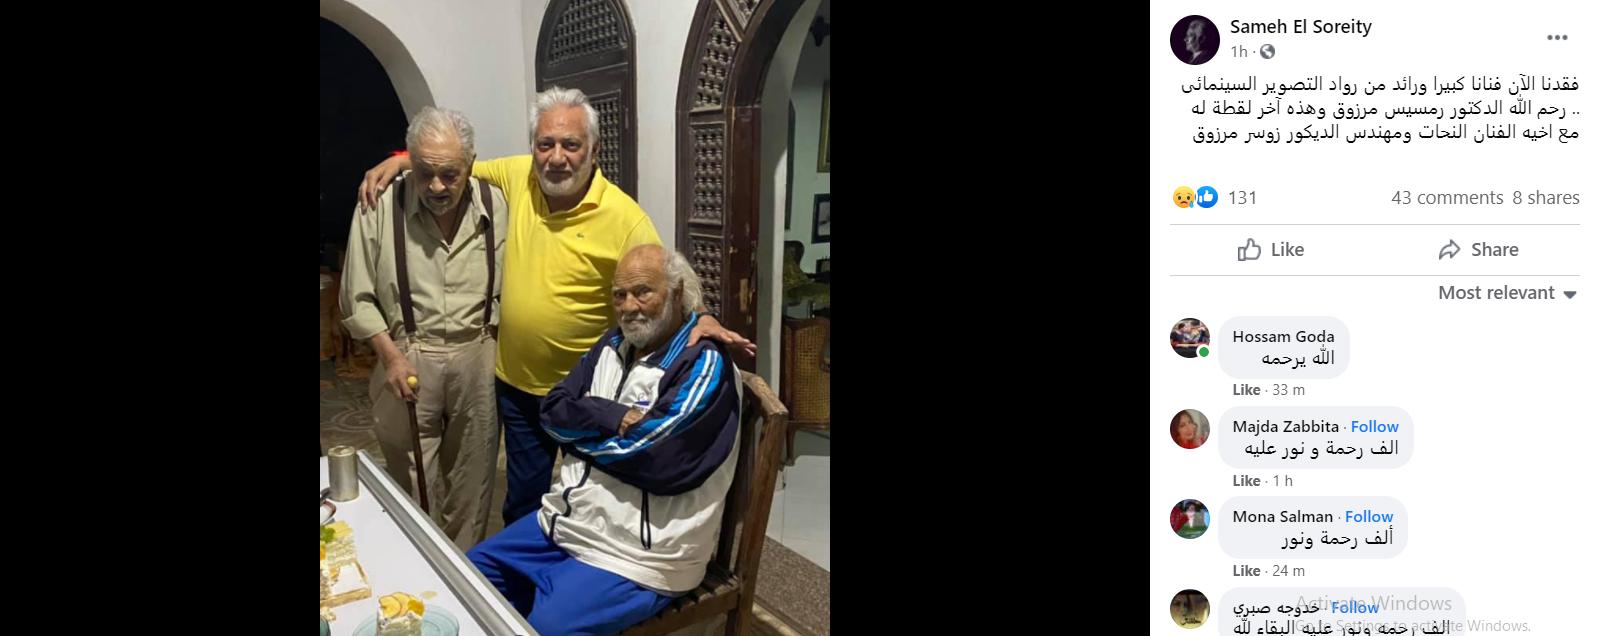 سامح الصريطى يعلن خبر وفاة رمسيس مرزوق